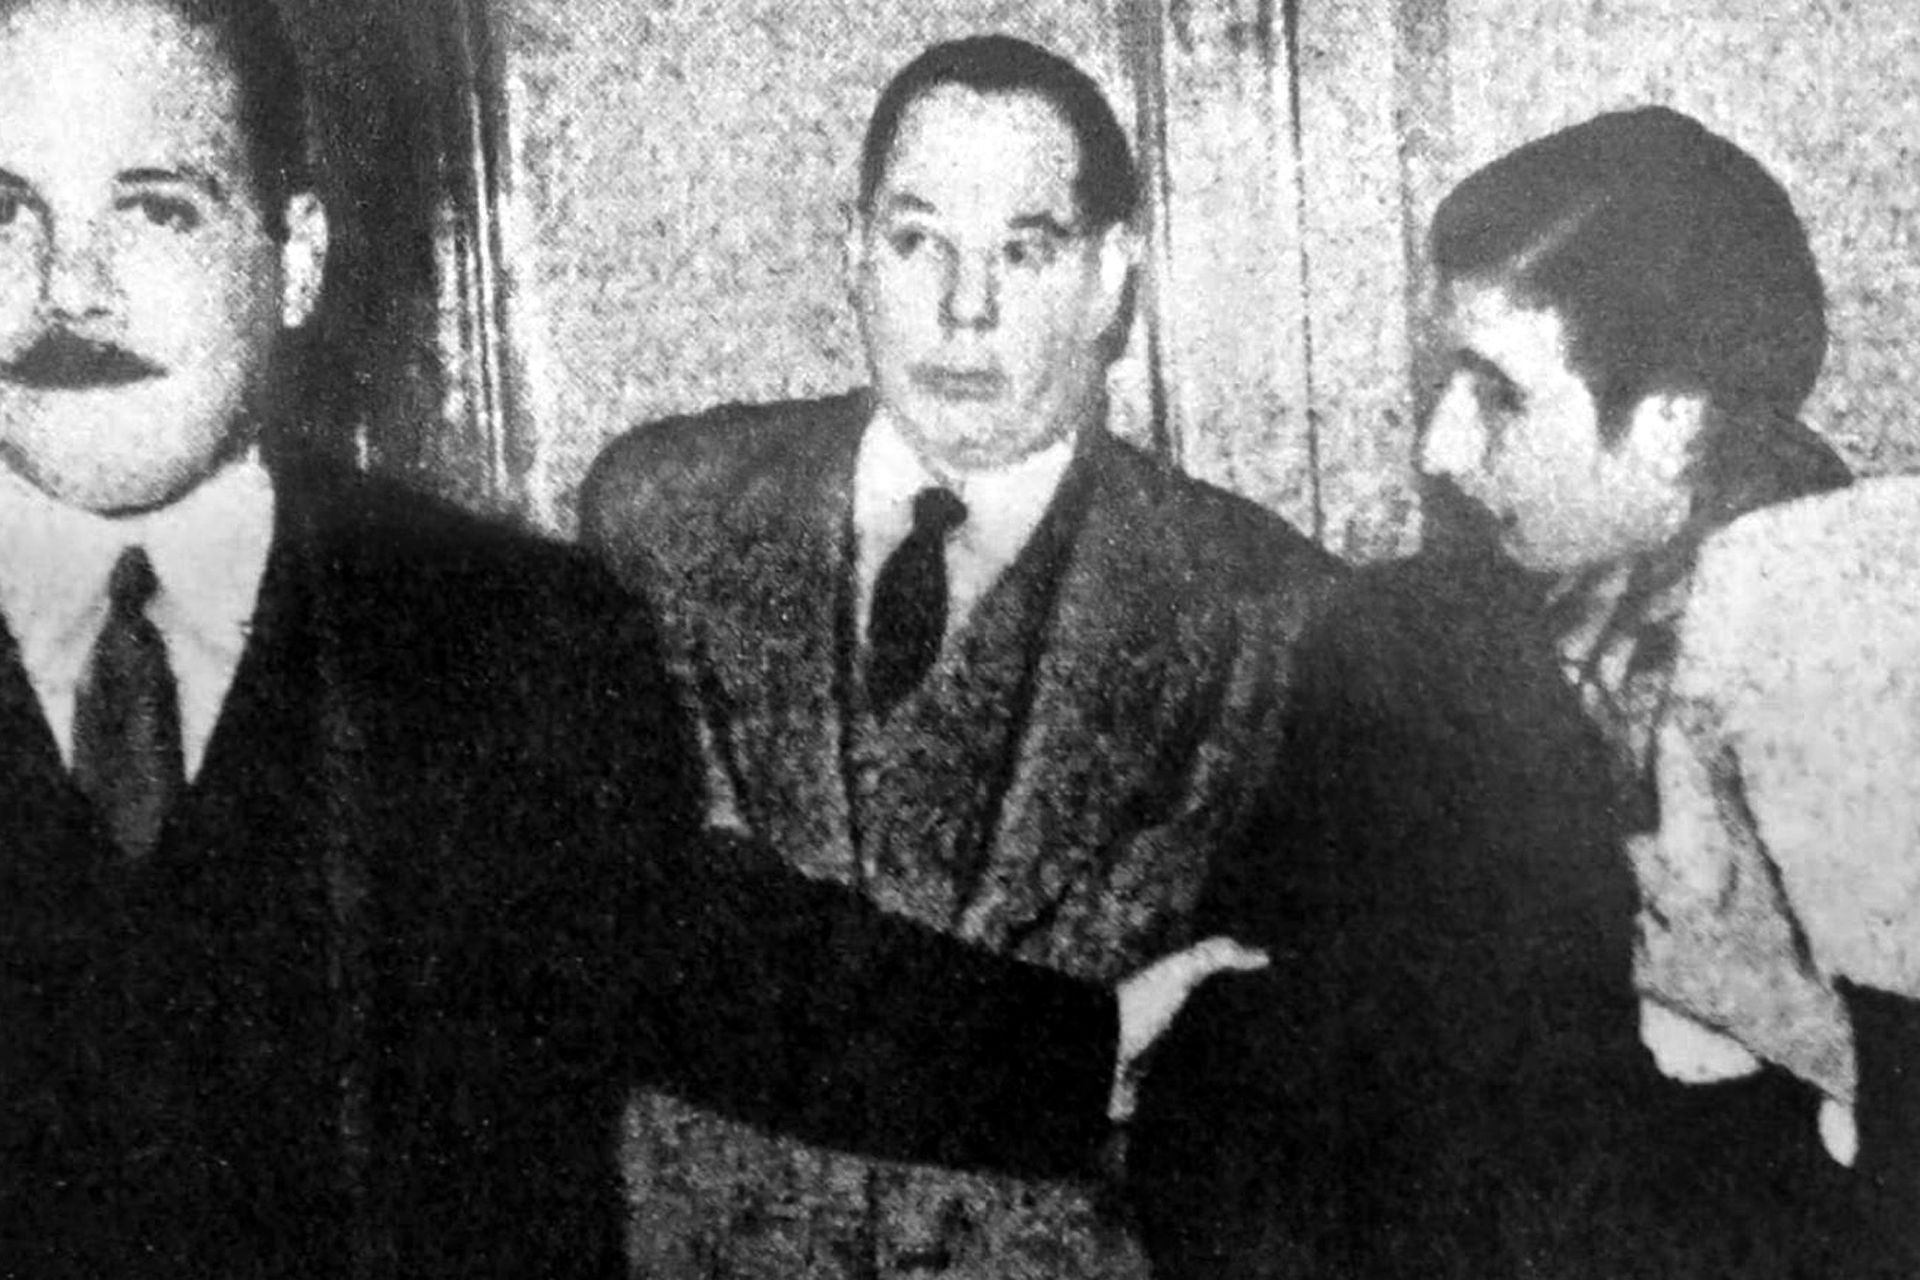 El propio Rodríguez Araya lleva consigo a uno de los niños cantores, el día en que fueron detenidos